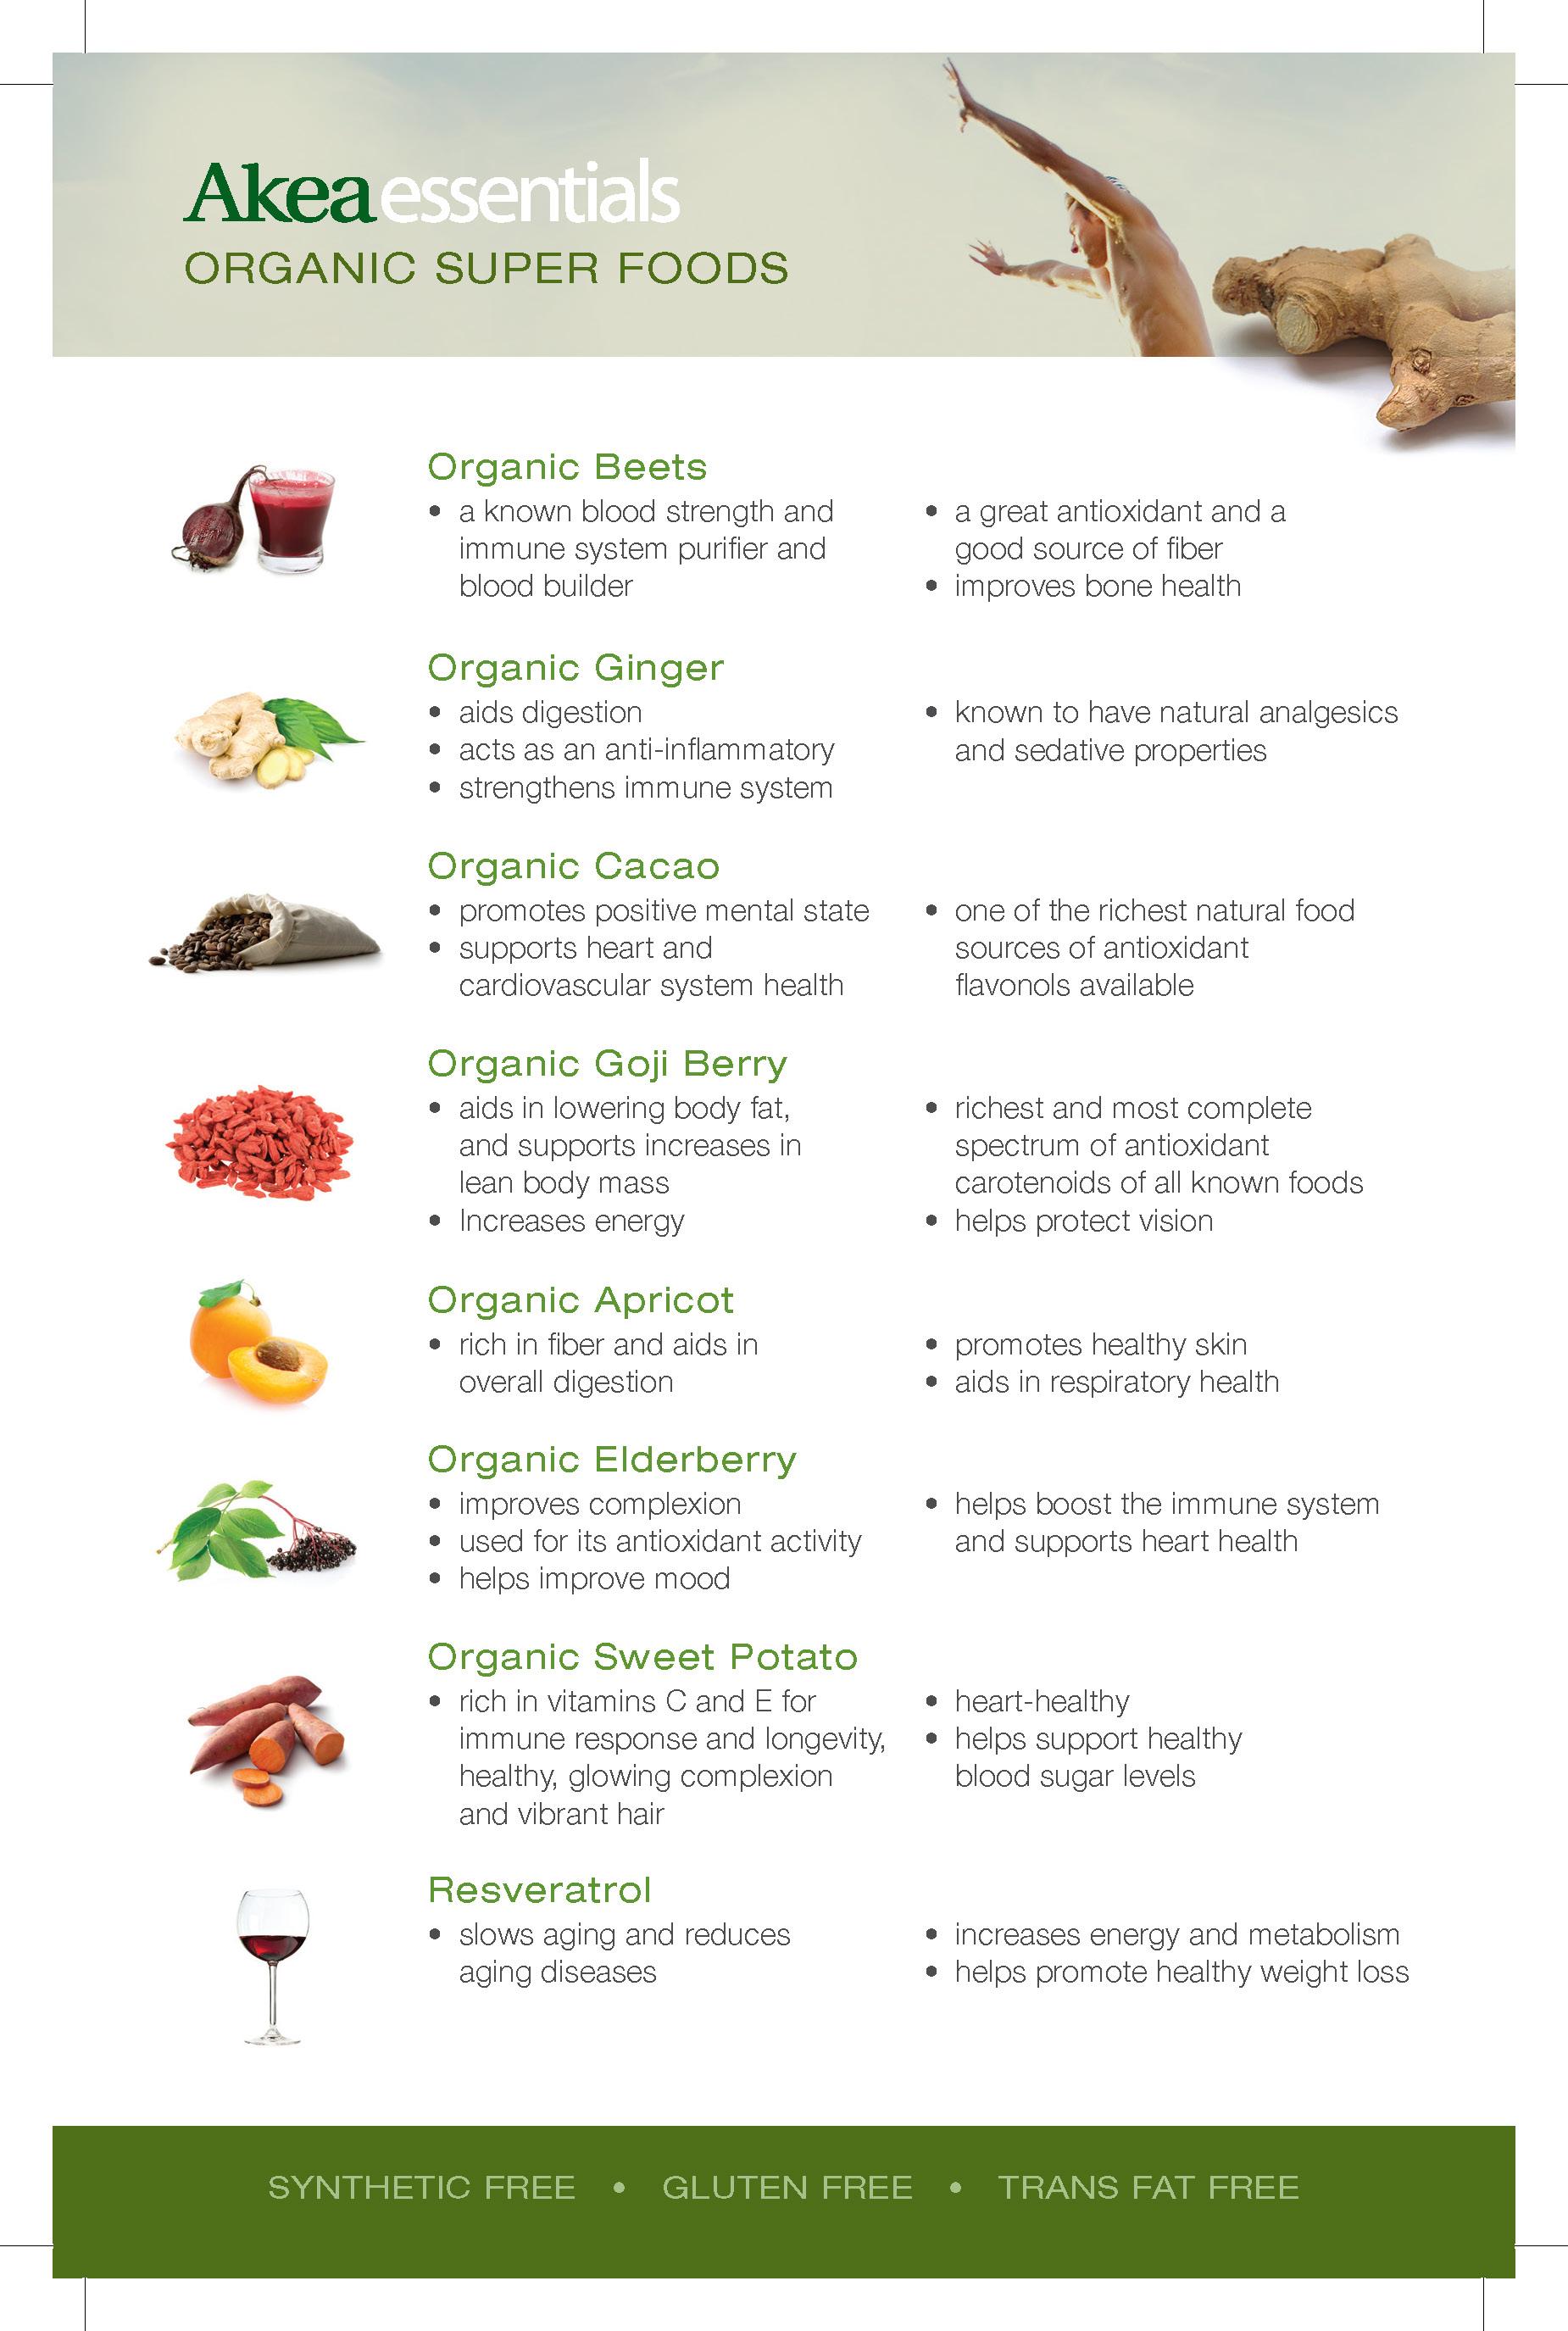 IngredientsBrochure_300px-in_Page_2.jpg